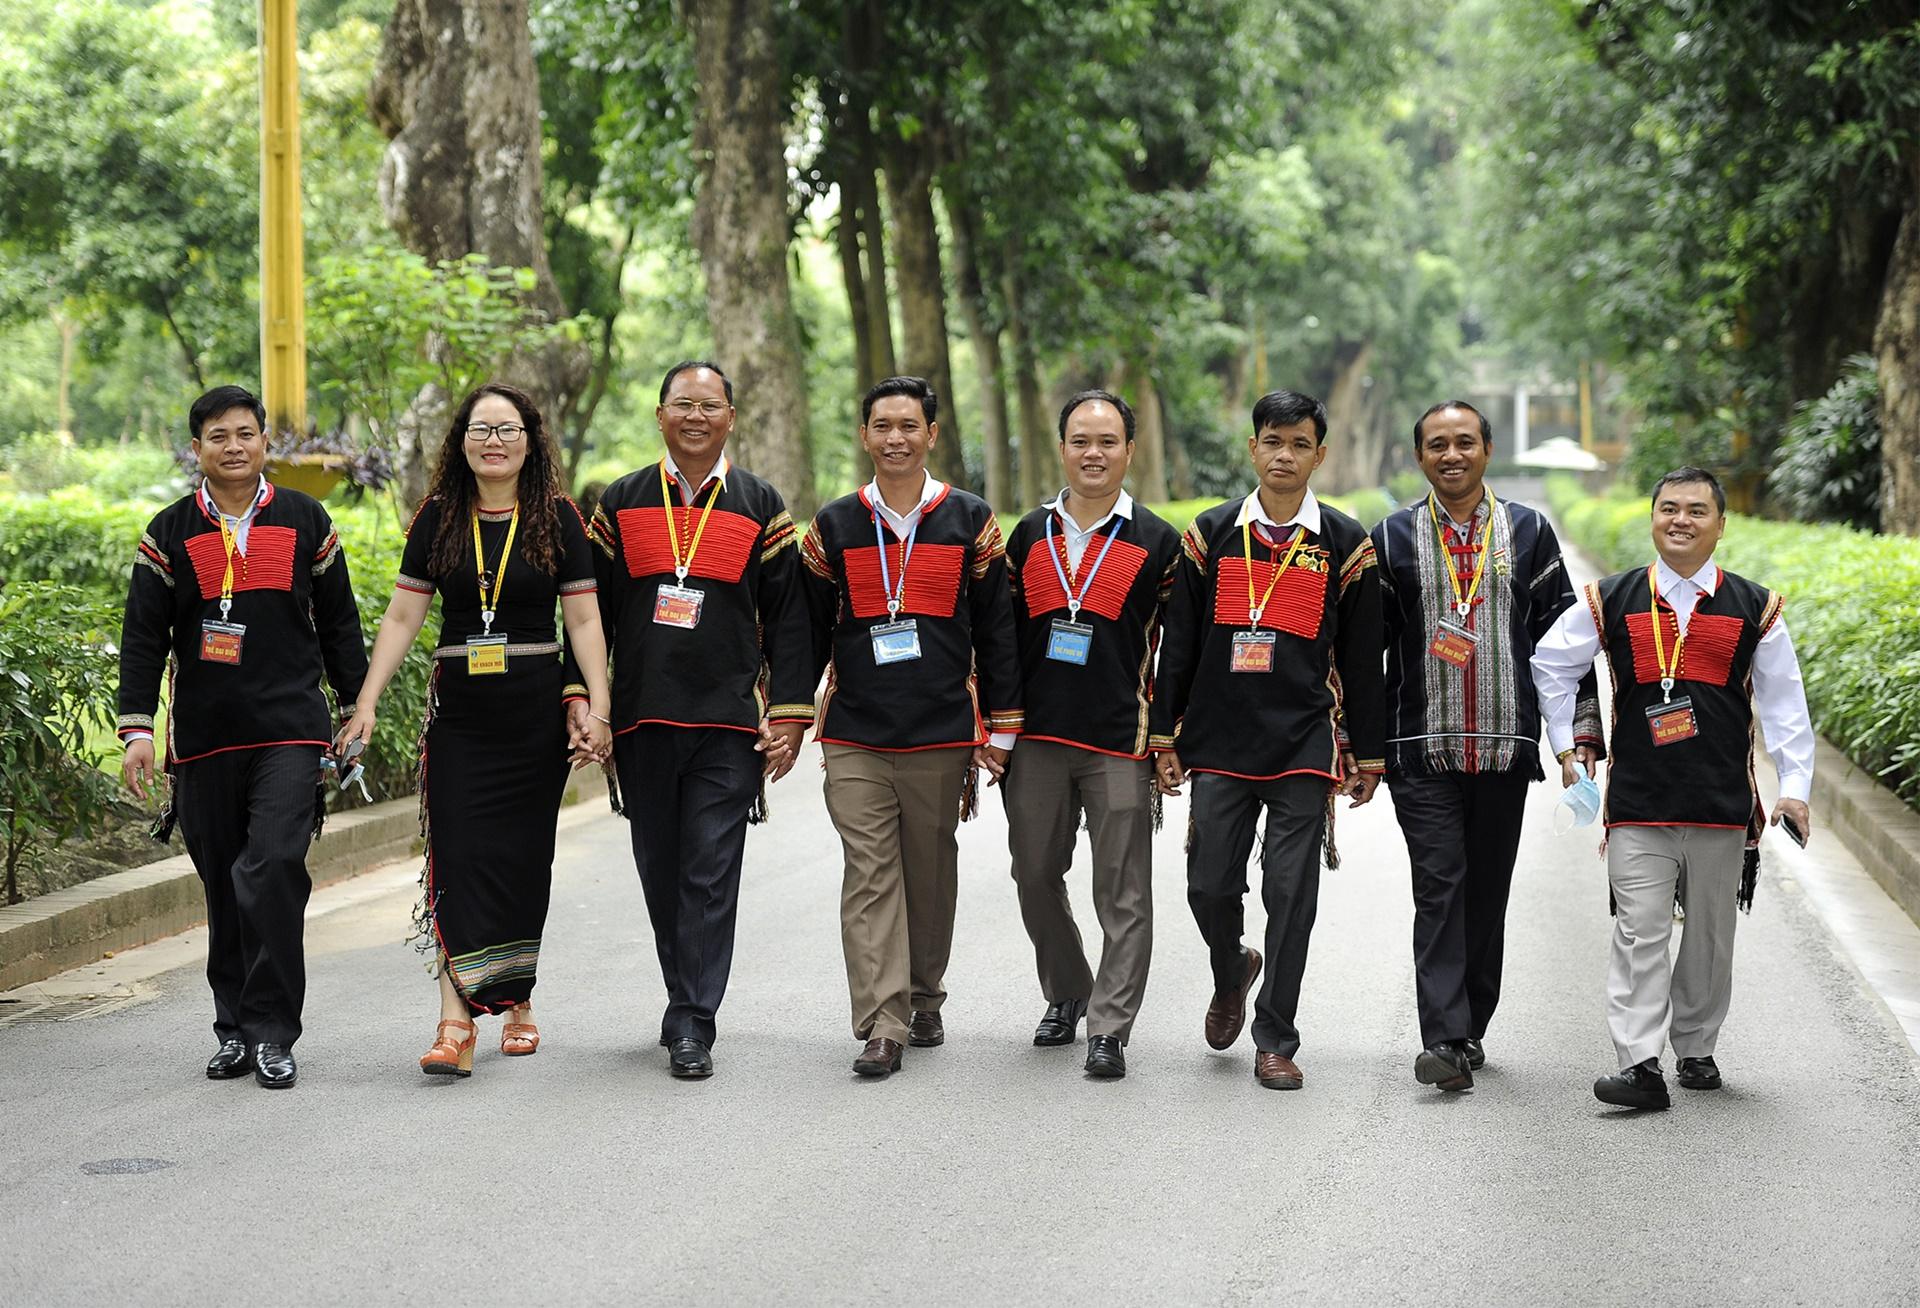 Hội tụ niềm tin về chính sách dân tộc tại Đại hội đại biểu toàn quốc các dân tộc thiểu số Việt Nam lần thứ II -0